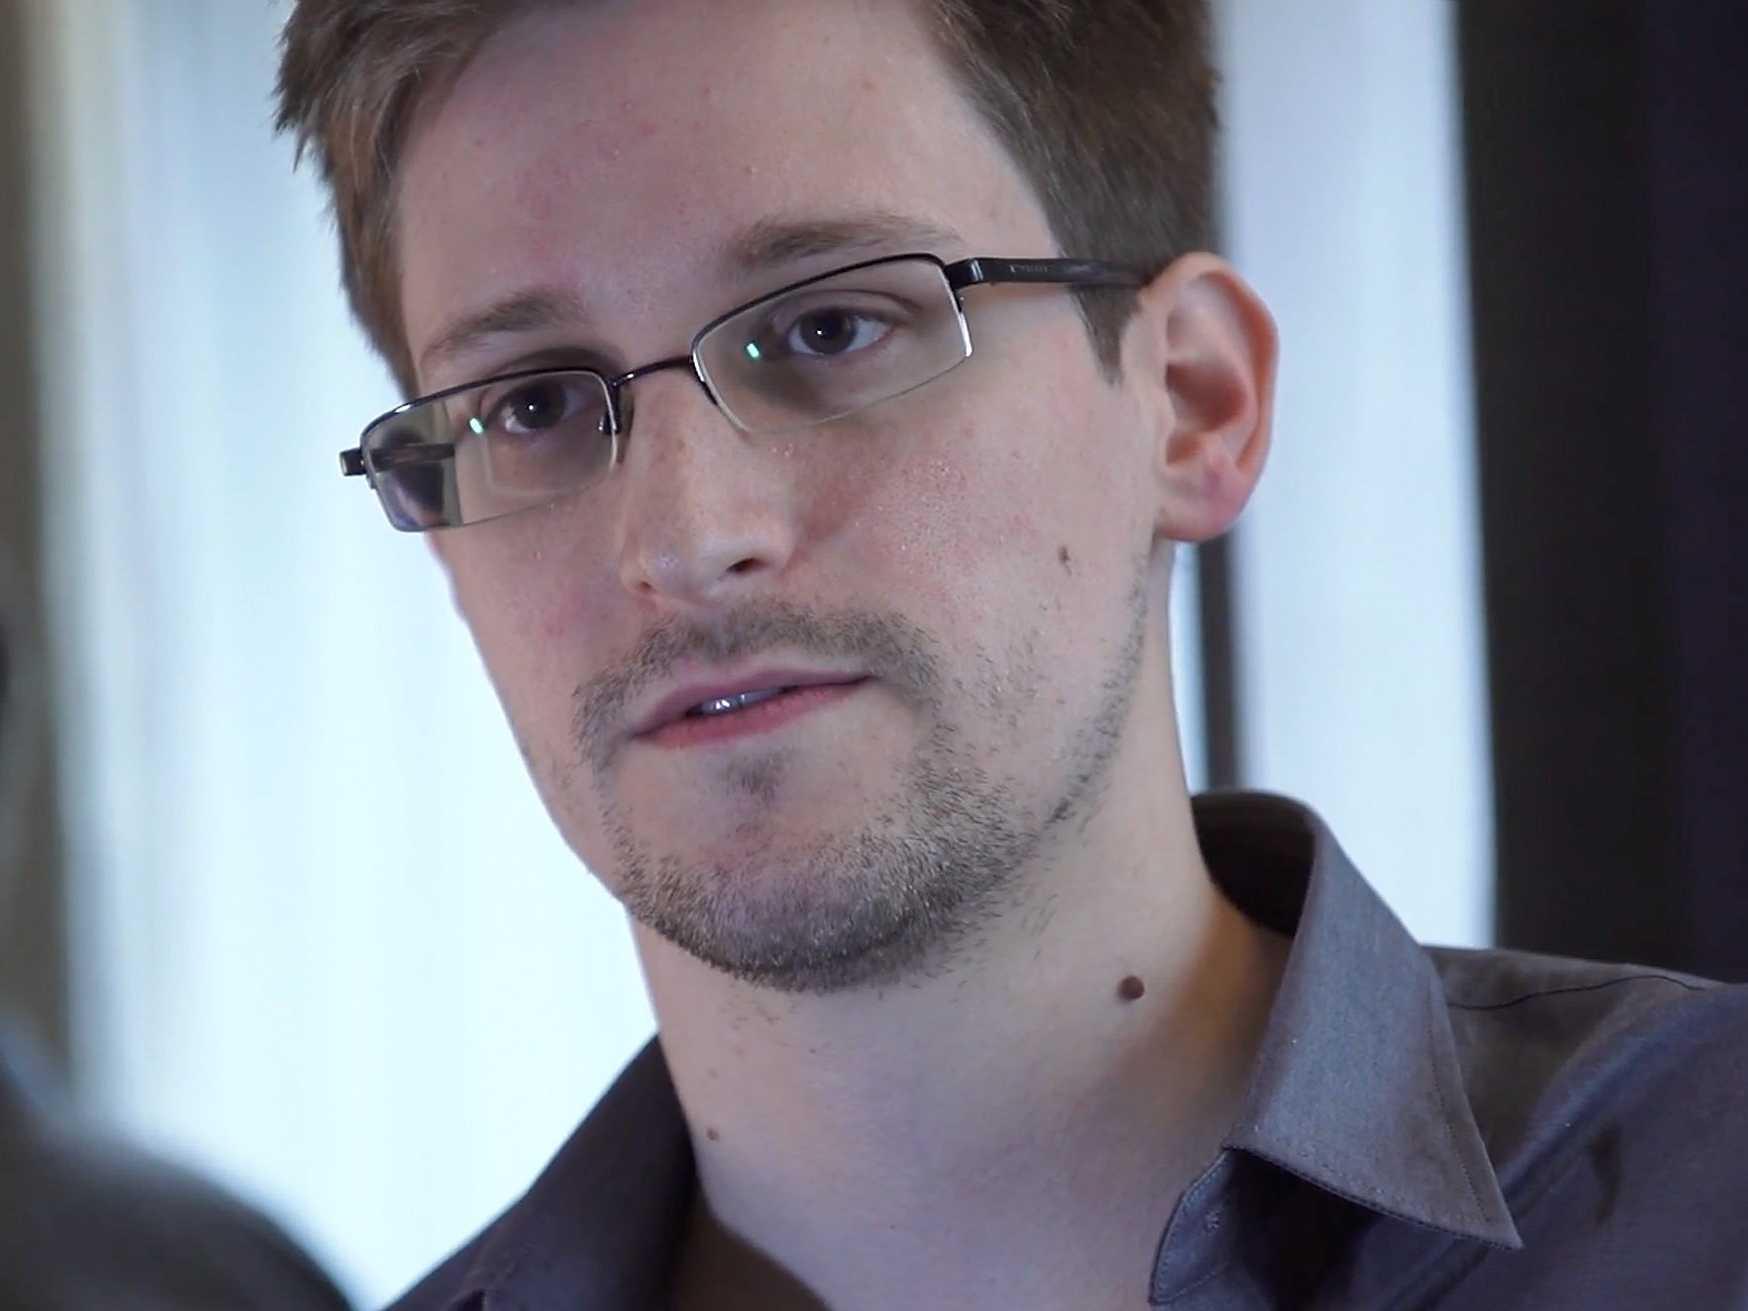 Snowden quiere pedir asilo a Brasil, según una carta publicada en un diario